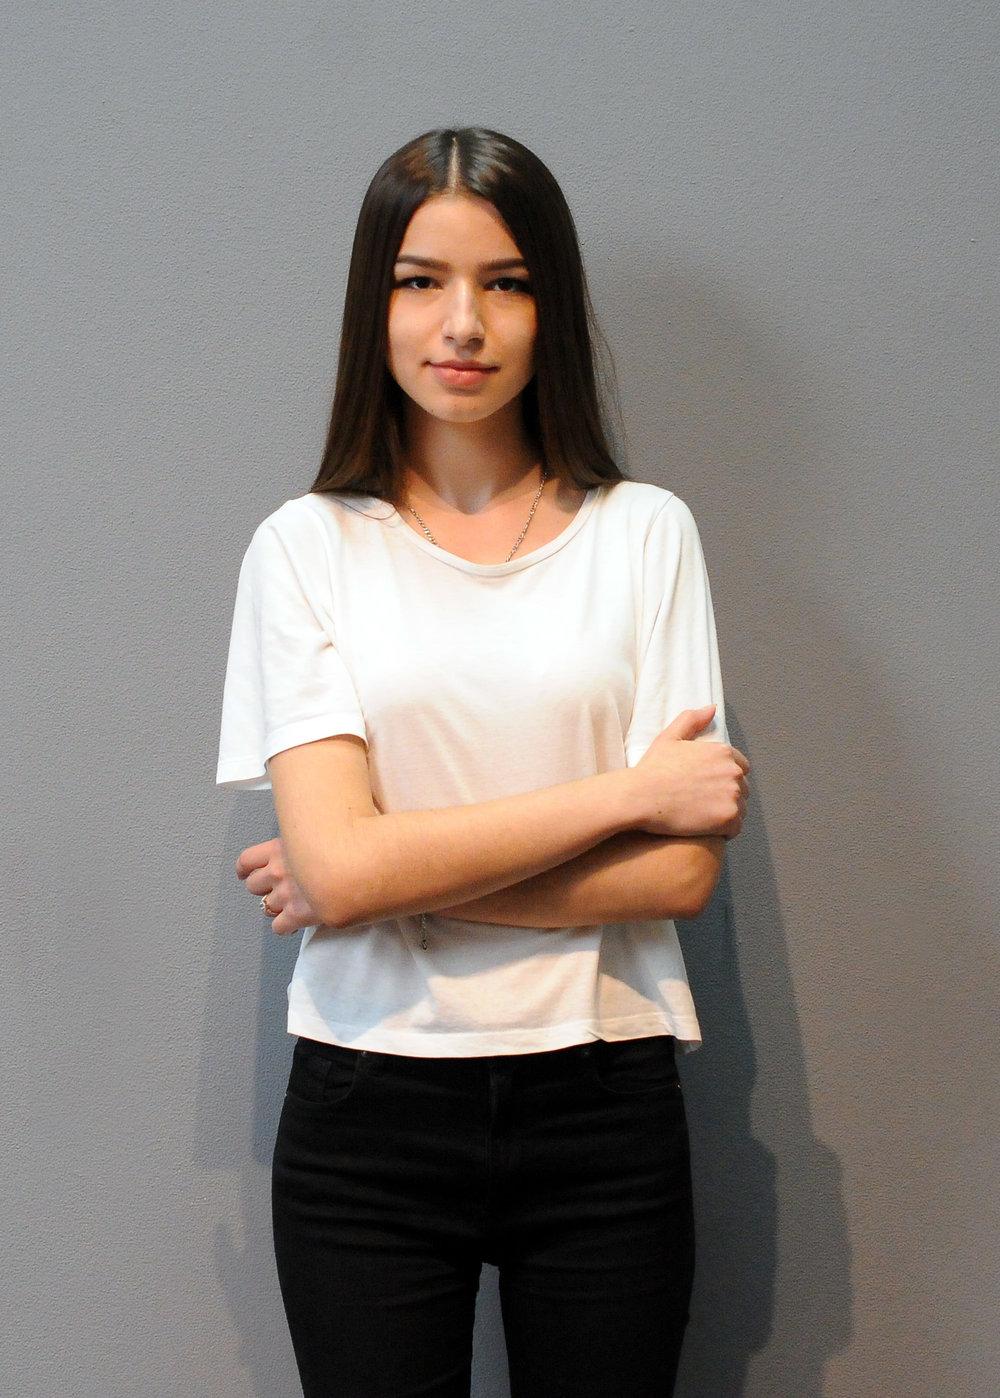 Albina Malyshinterior designer, - interior designer